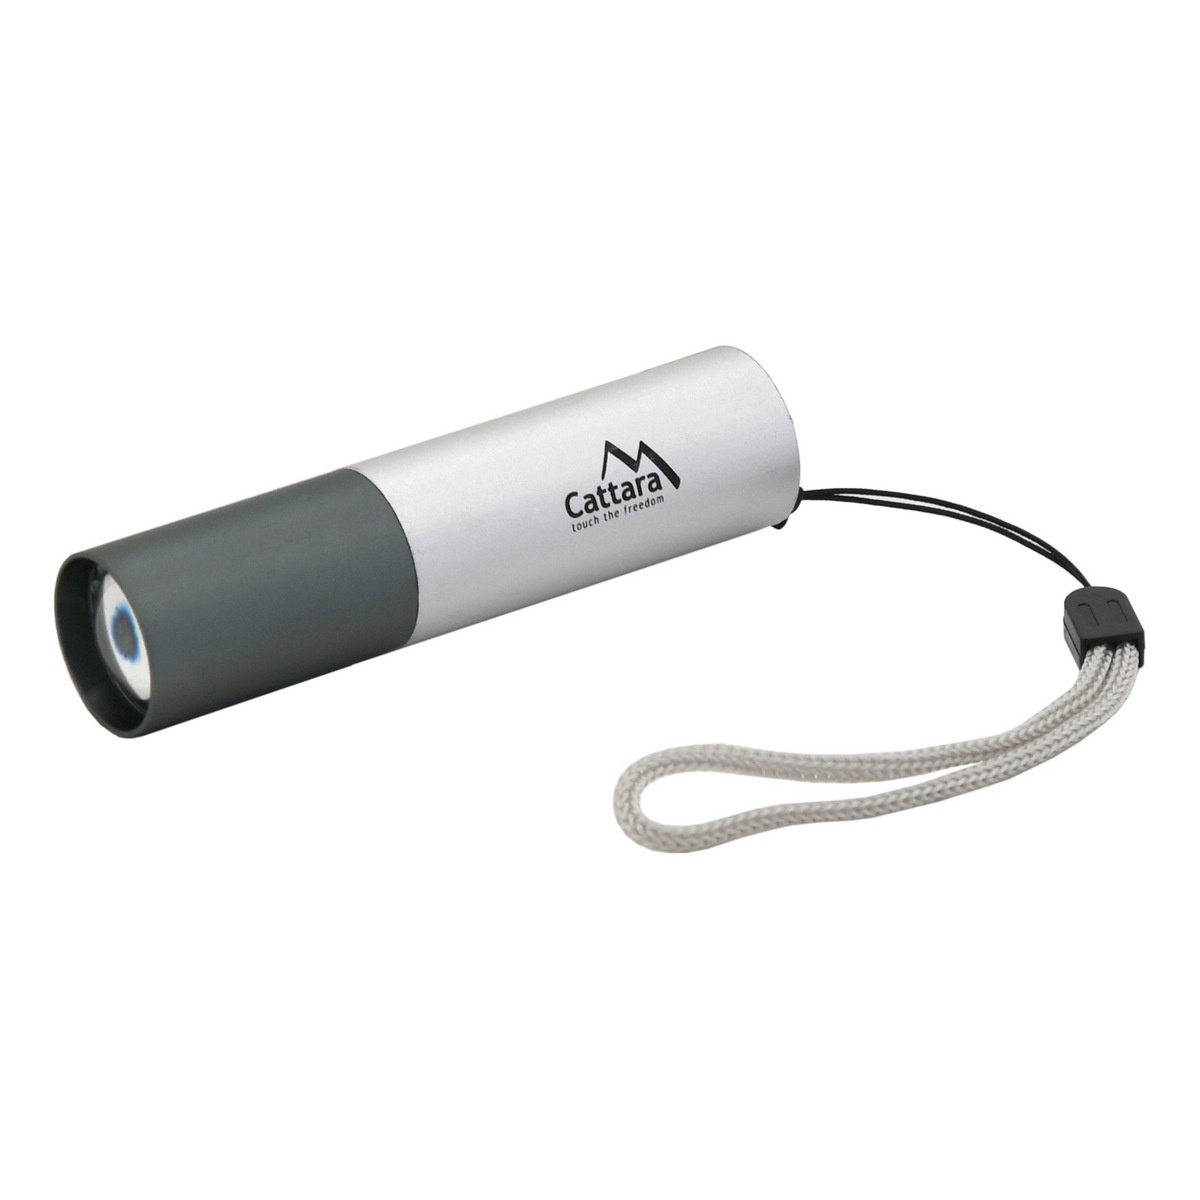 Cattara Vreckové nabíjacie svietidlo Silver, LED 120 lm ZOOM